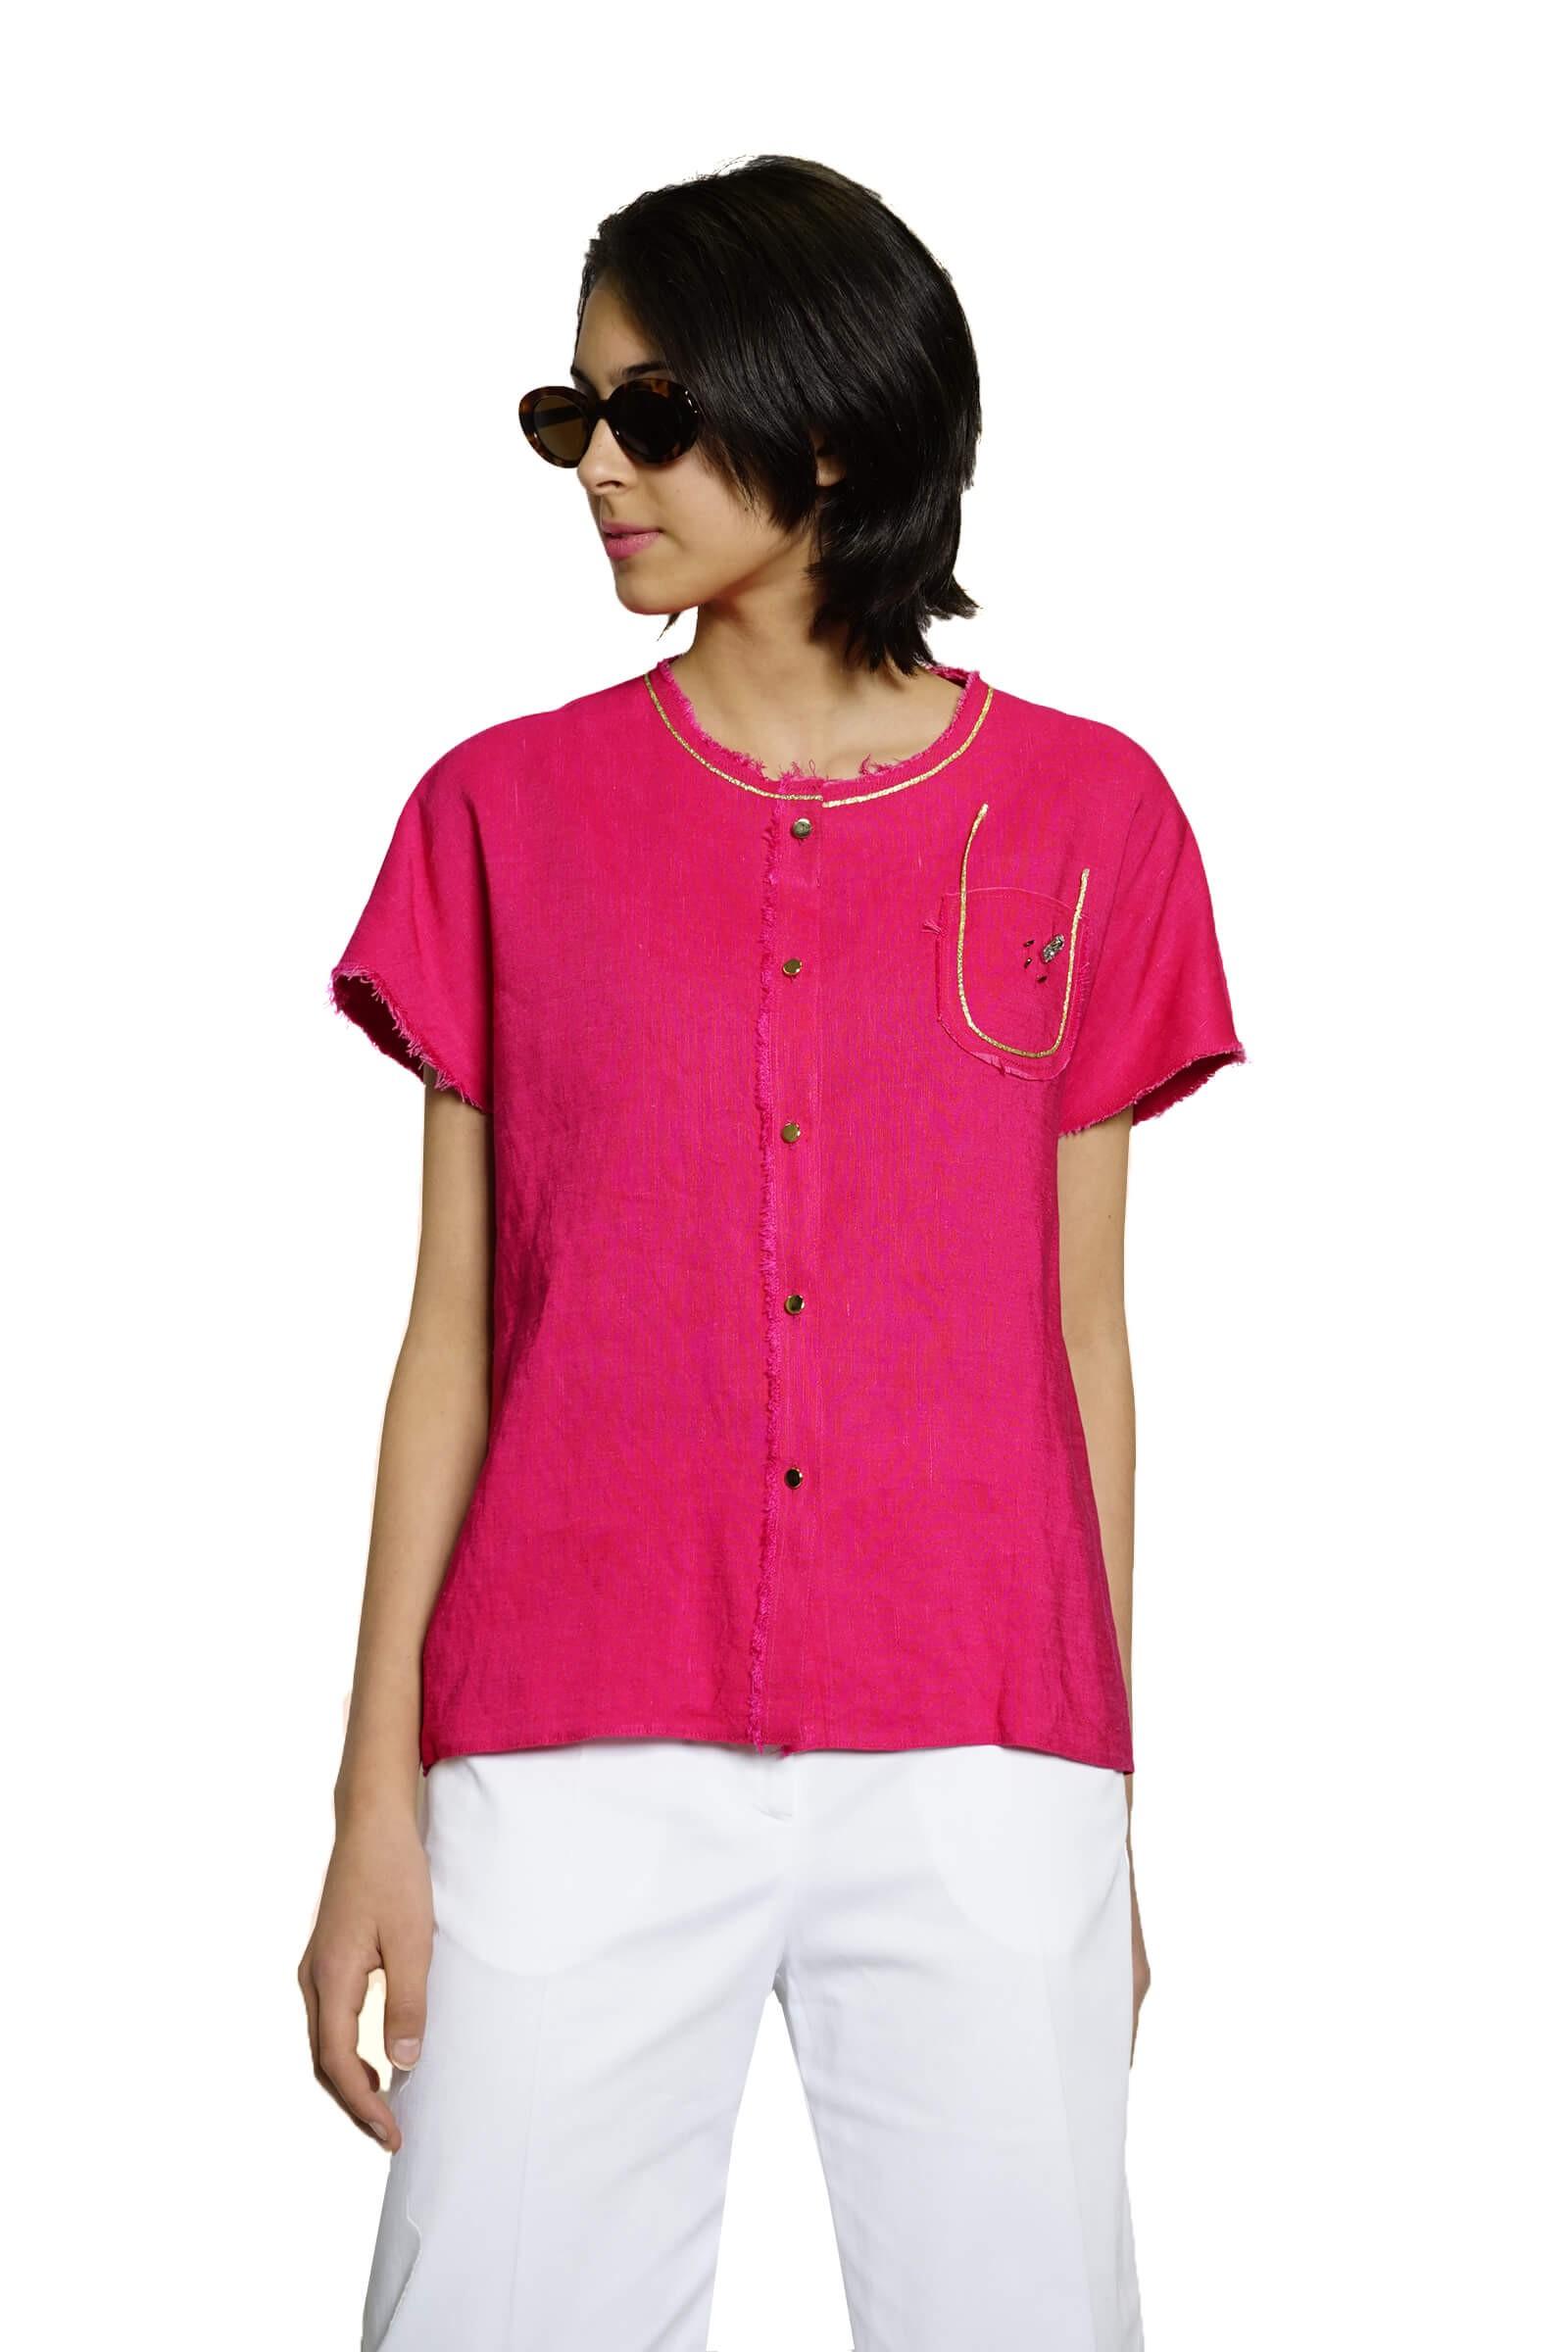 Cyclamen shirt